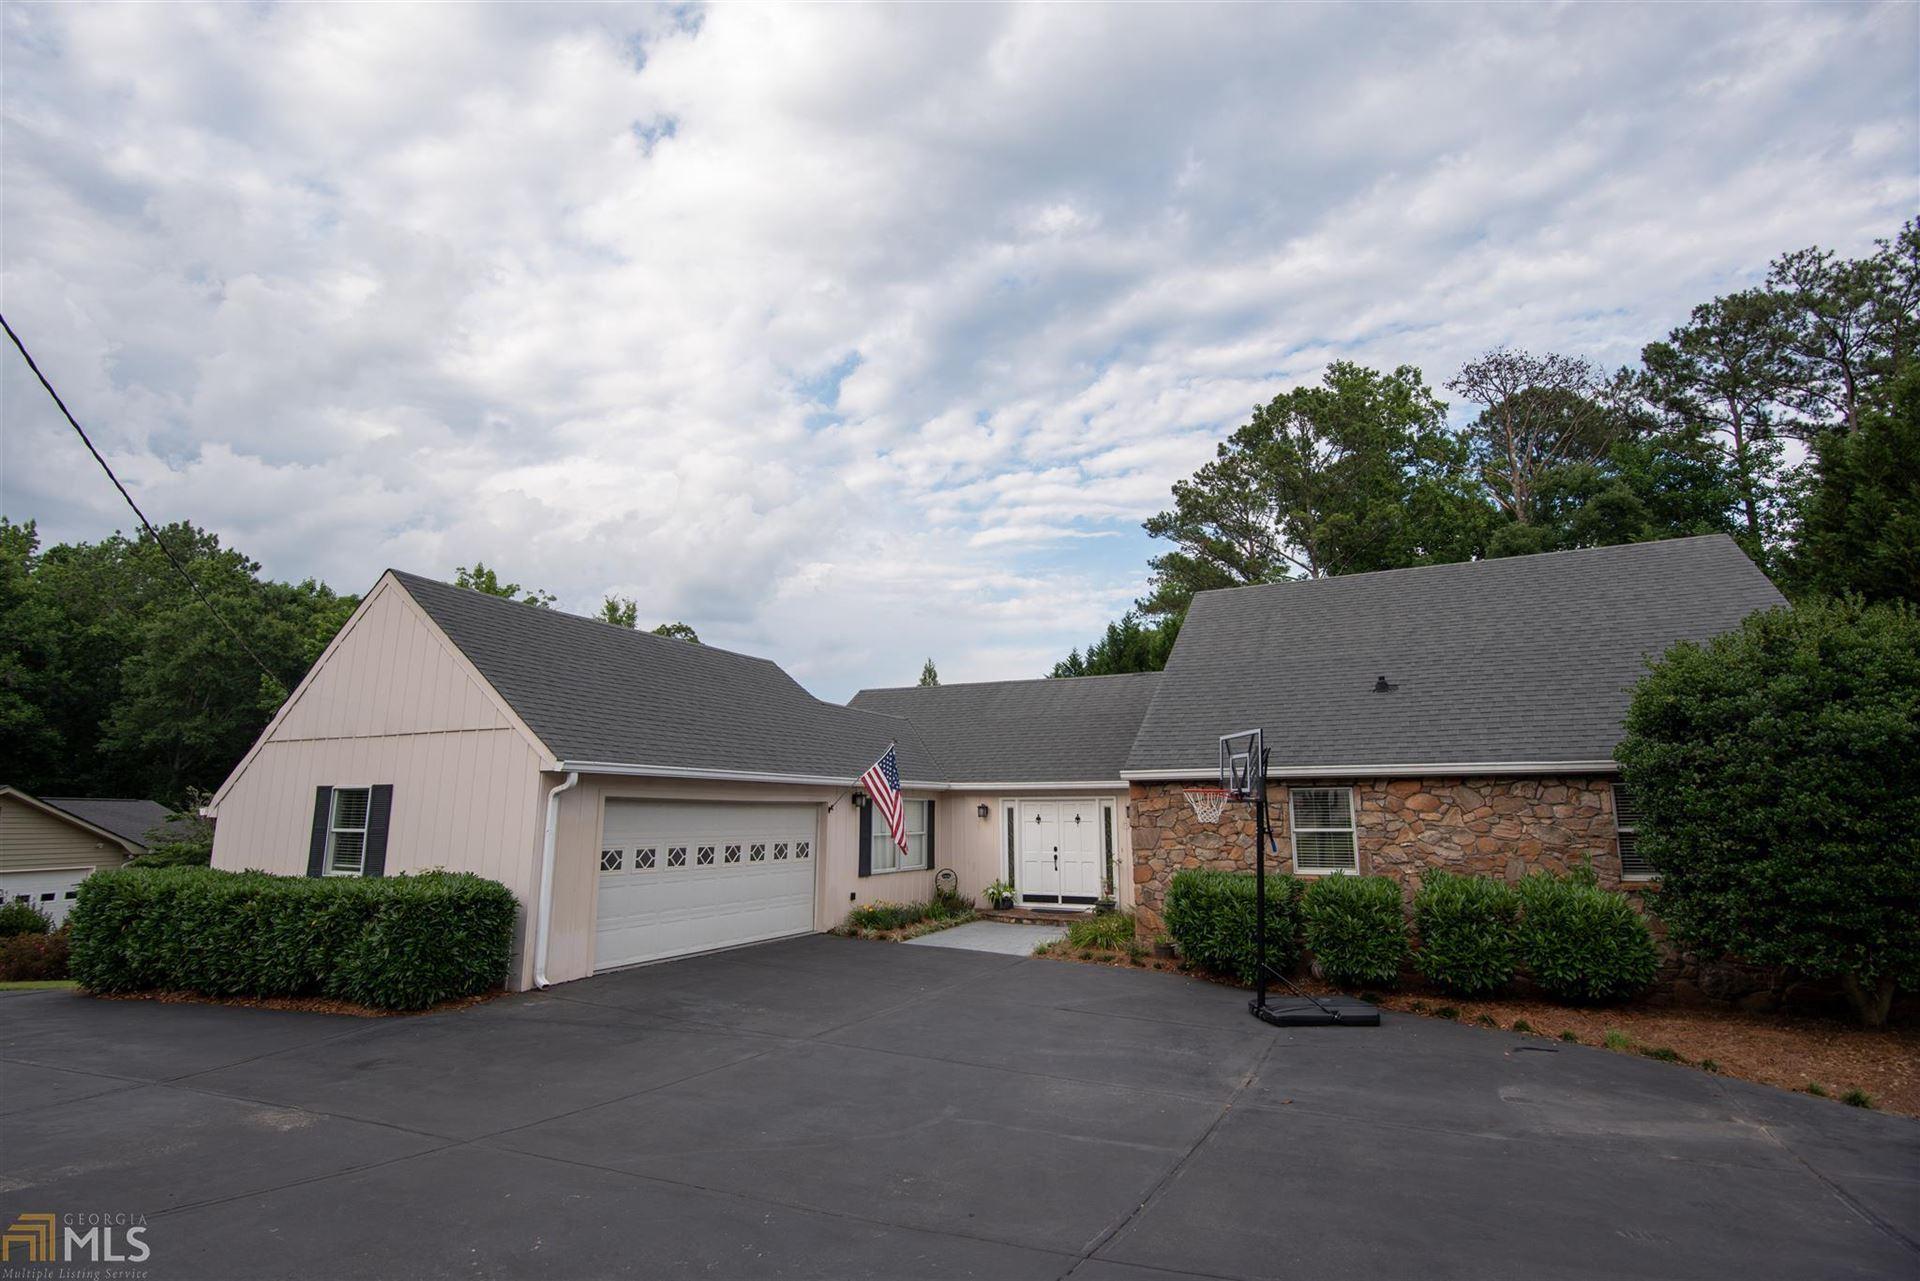 6171 Farmington Ln, Covington, GA 30014 - #: 8805342